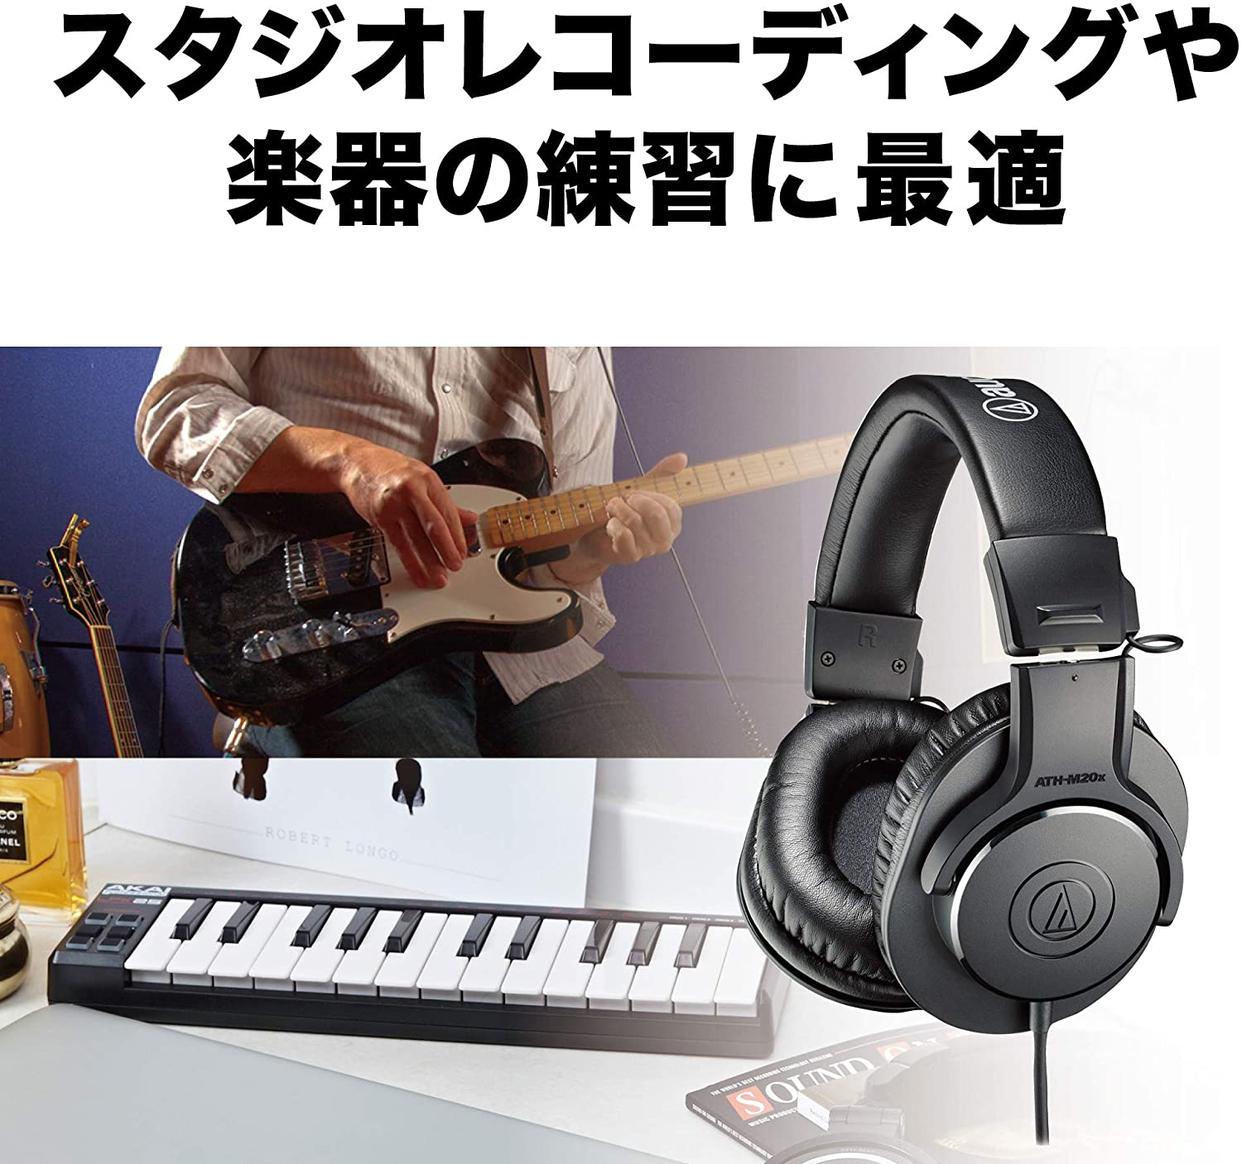 audio-technica(オーディオテクニカ) プロフェッショナルモニターヘッドホン  ATH-M20xの商品画像3